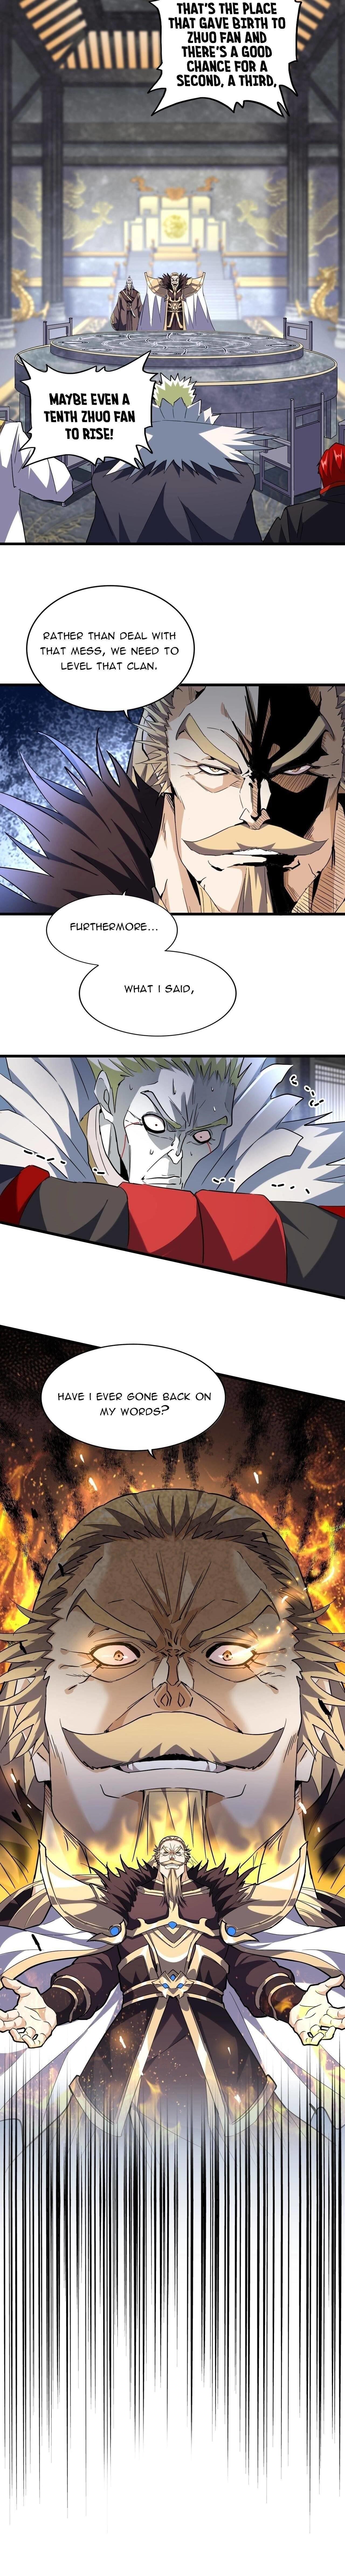 Magic Emperor Chapter 220 page 8 - Mangakakalot